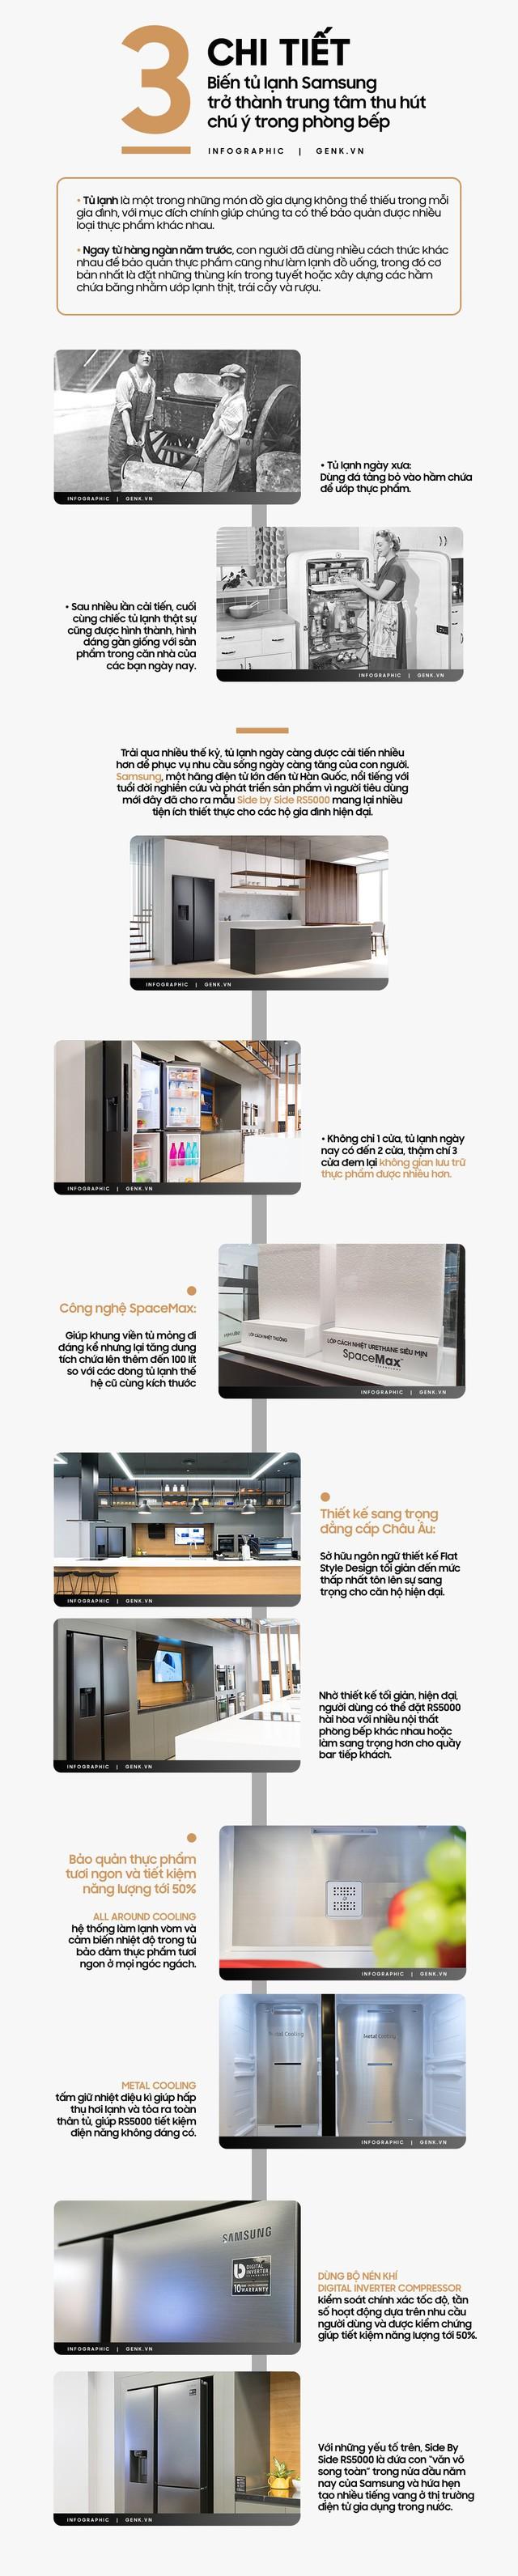 3 chi tiết biến tủ lạnh Samsung trở thành trung tâm thu hút chú ý trong phòng bếp - Ảnh 1.